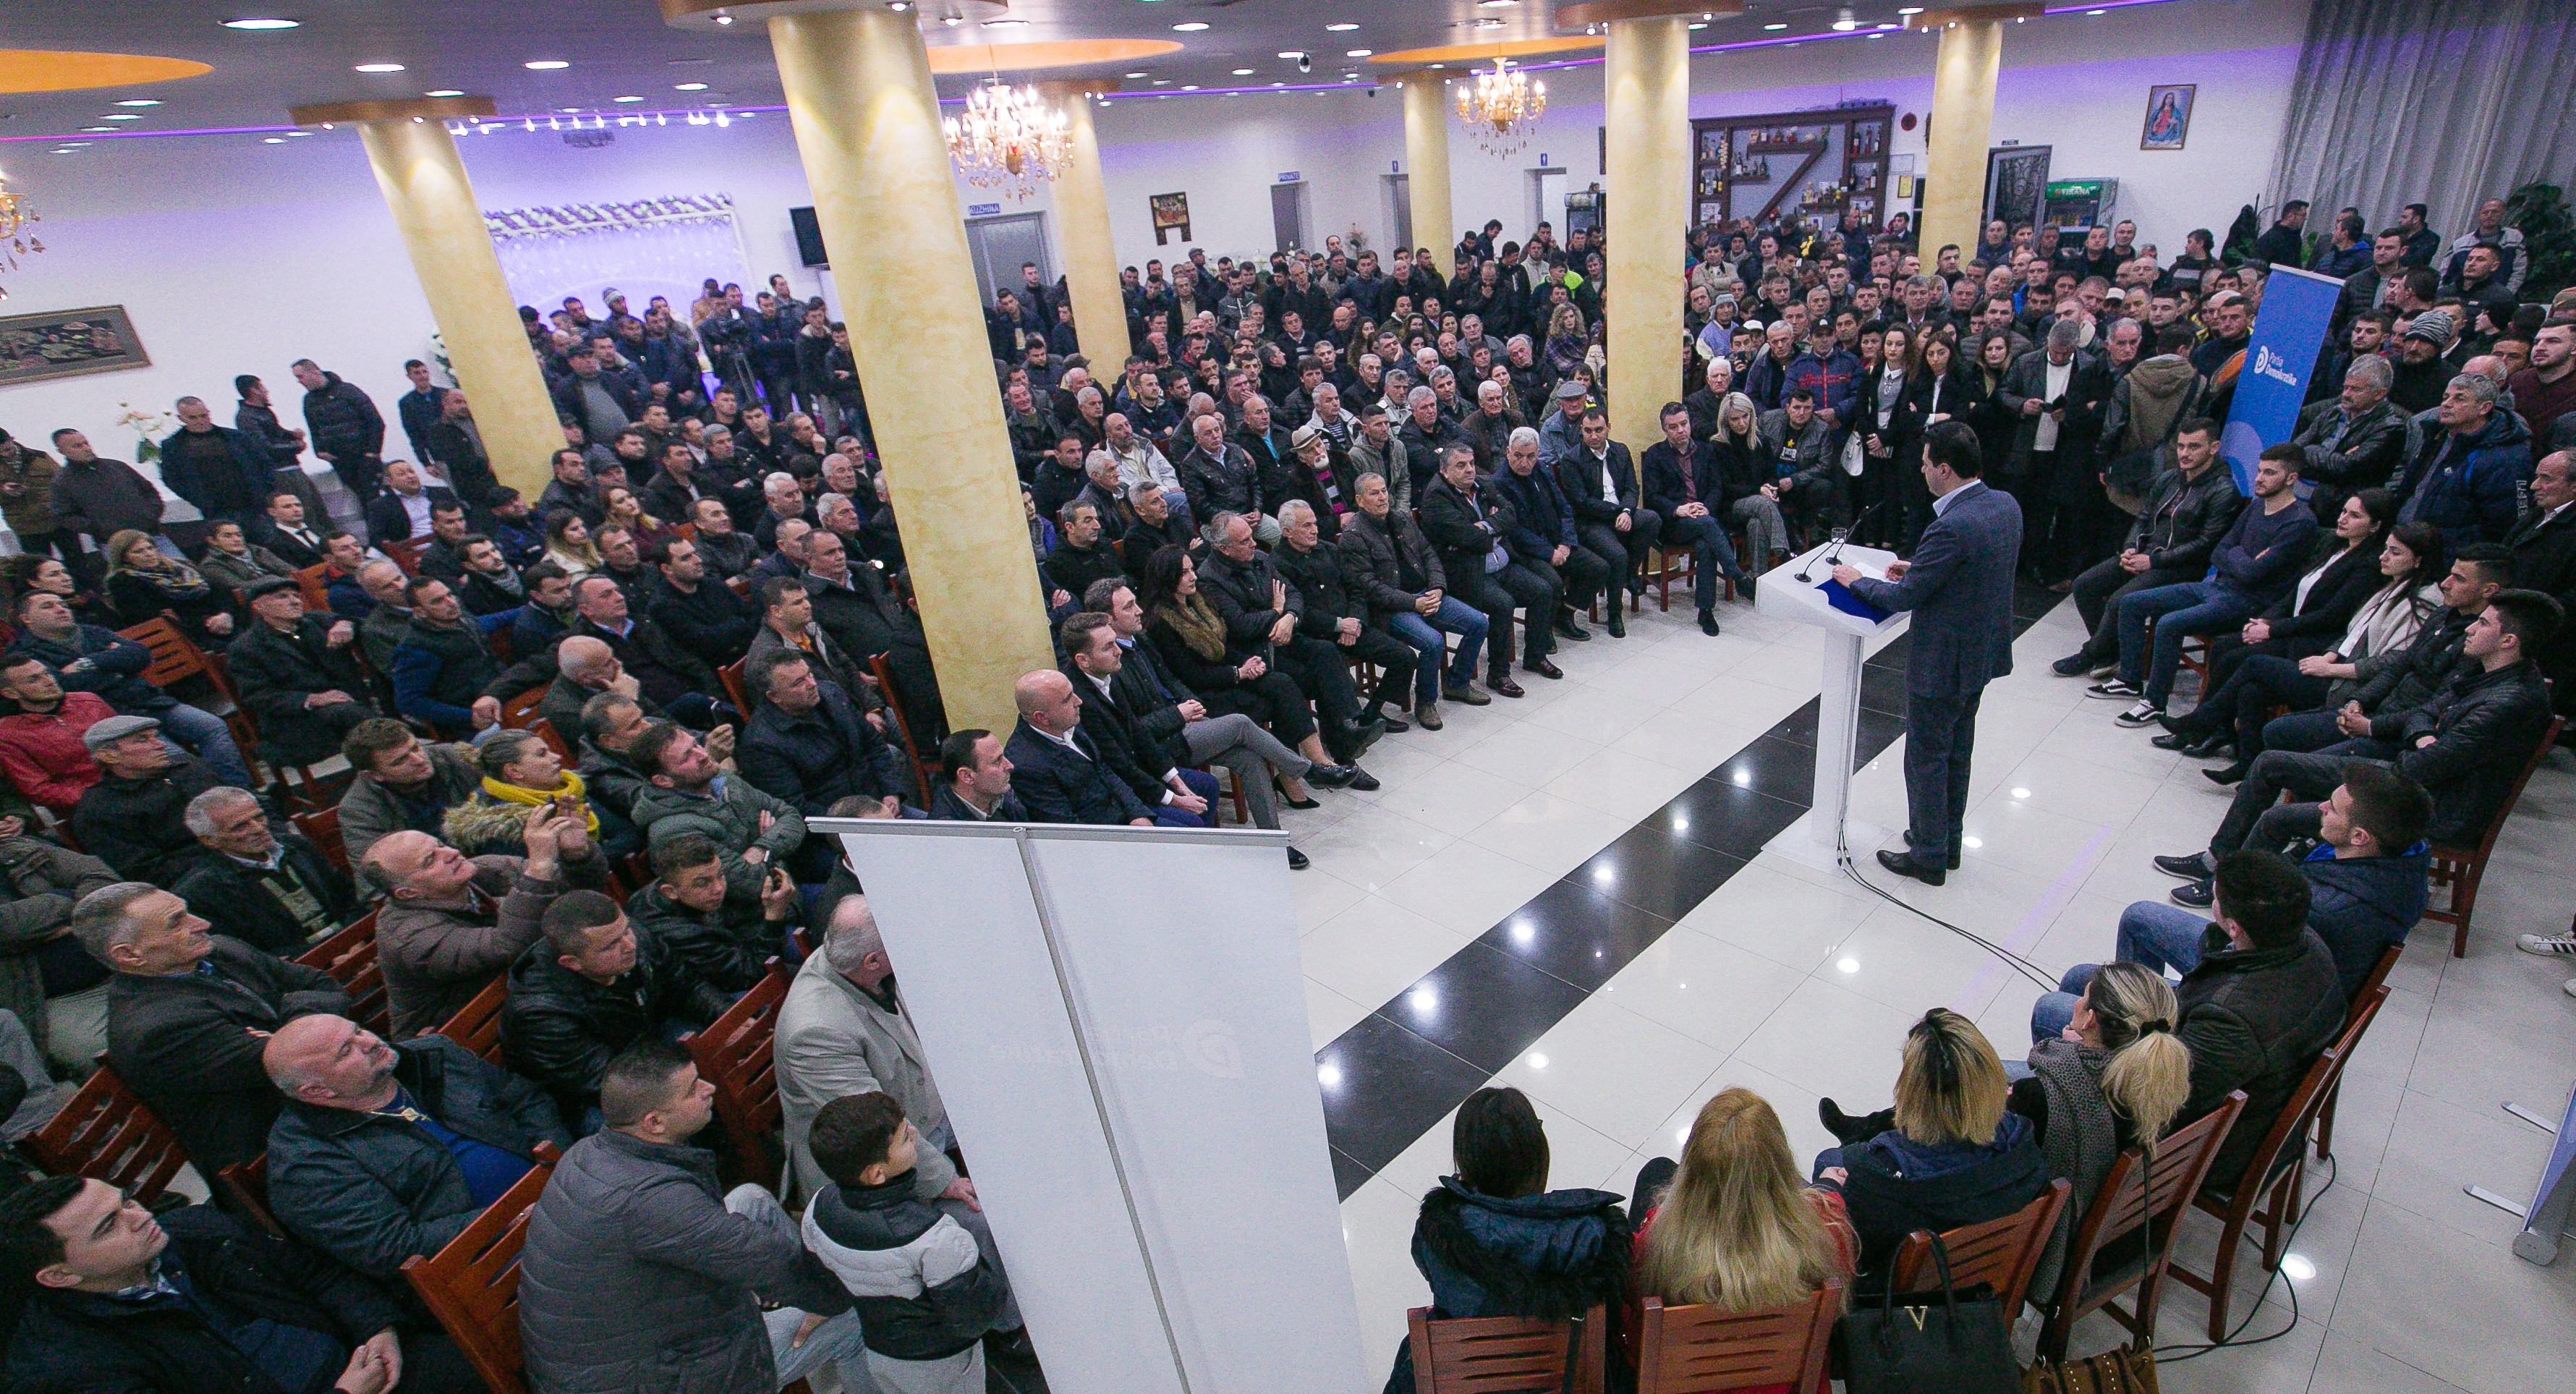 Njoftim për takimin e Kryetarit të Partisë Demokratike, Lulzim Basha në Vaun e Dejës